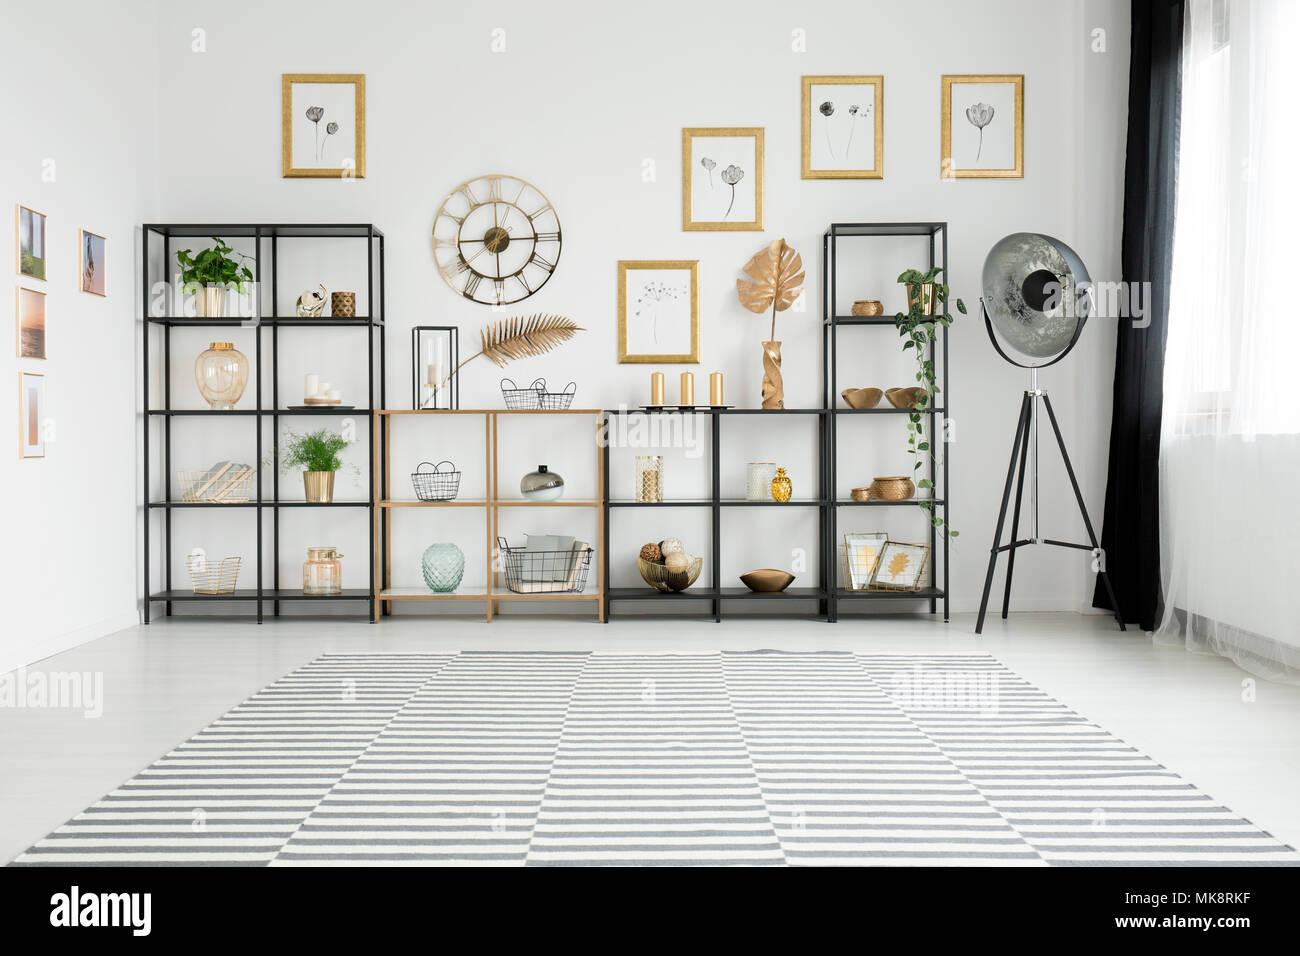 Spazioso soggiorno interno con un sacco di decorazioni in ...